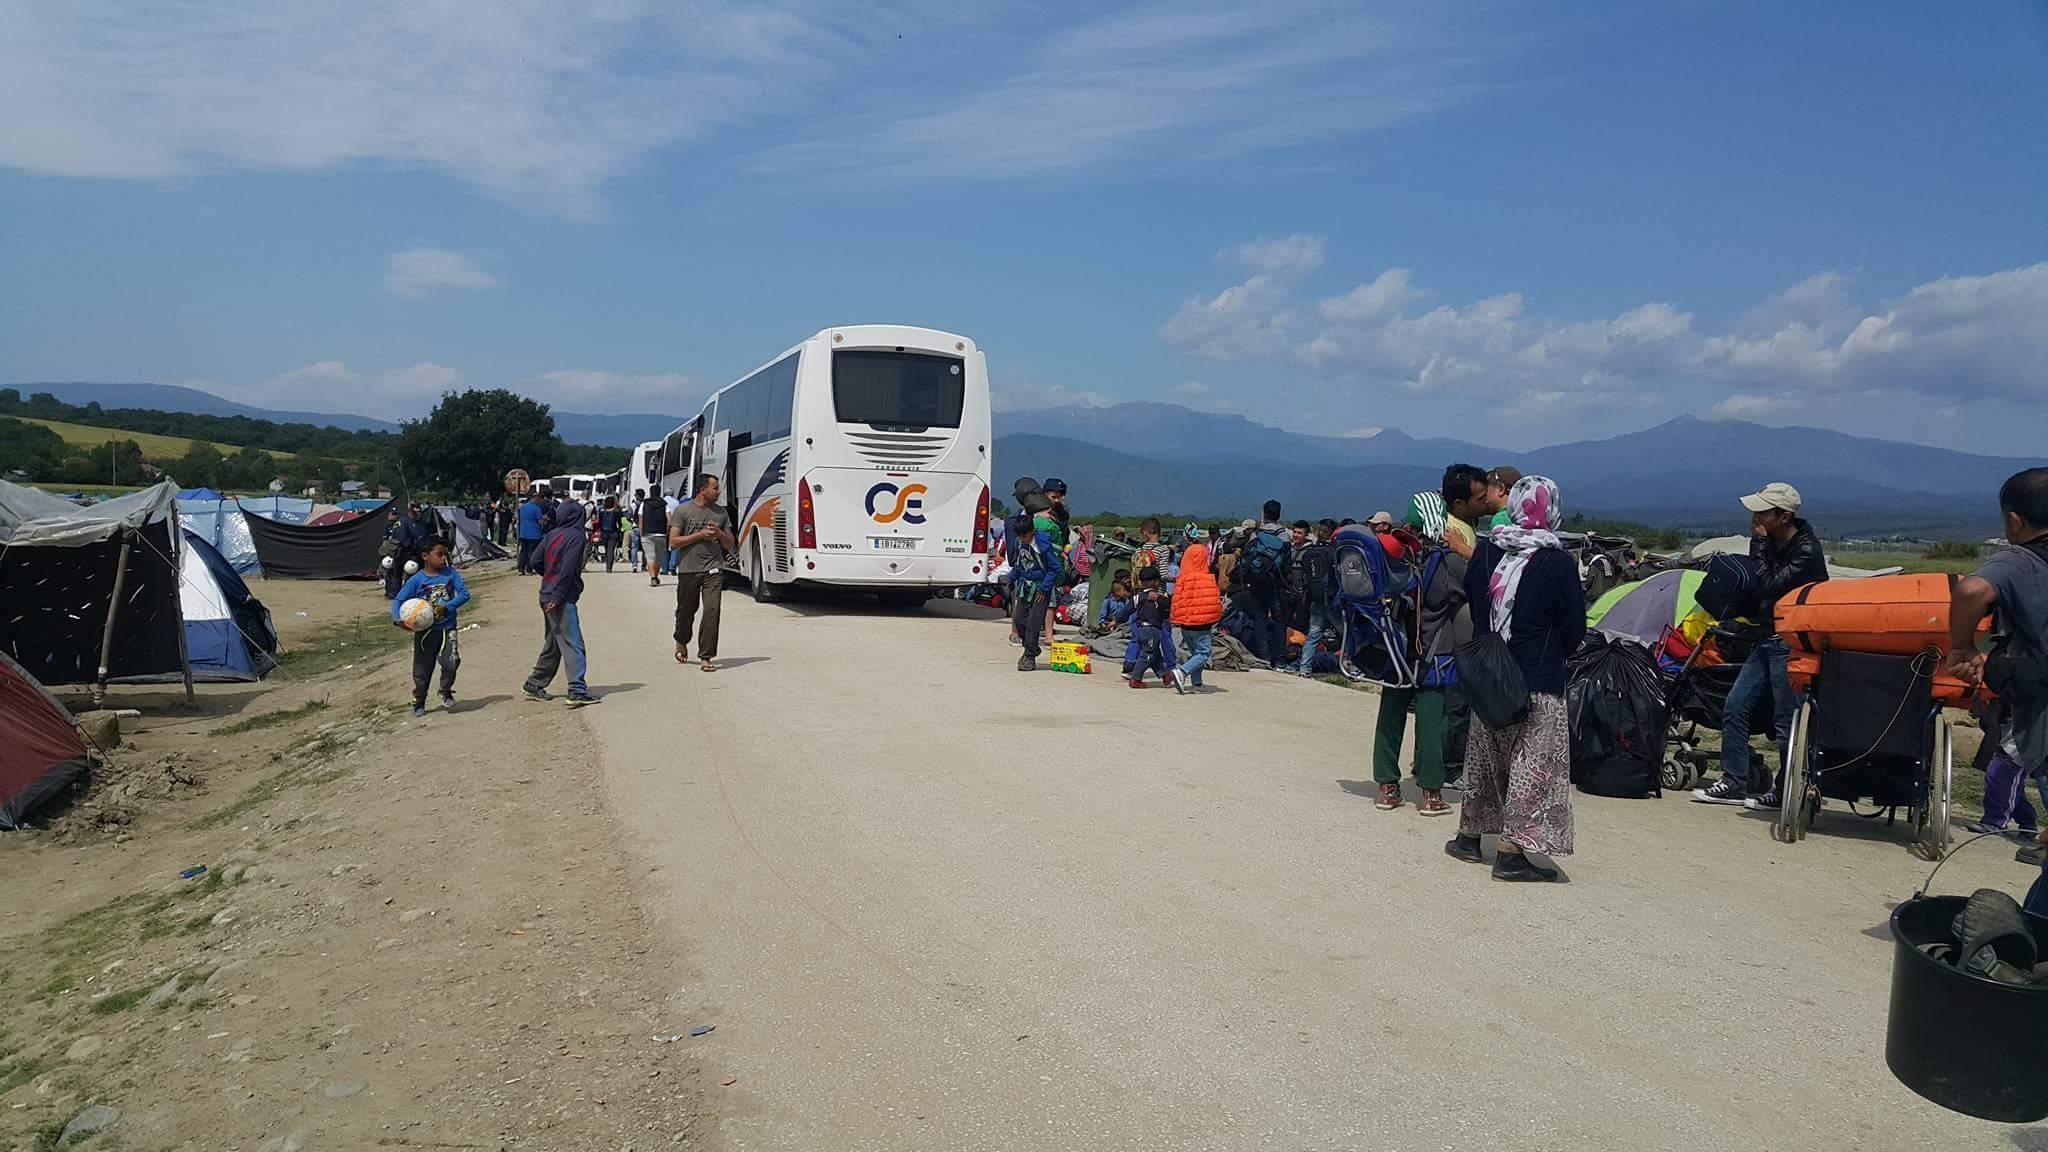 TZ – Police vyklízí tábor v Idomeni, armádní tábory na to nejsou připraveny